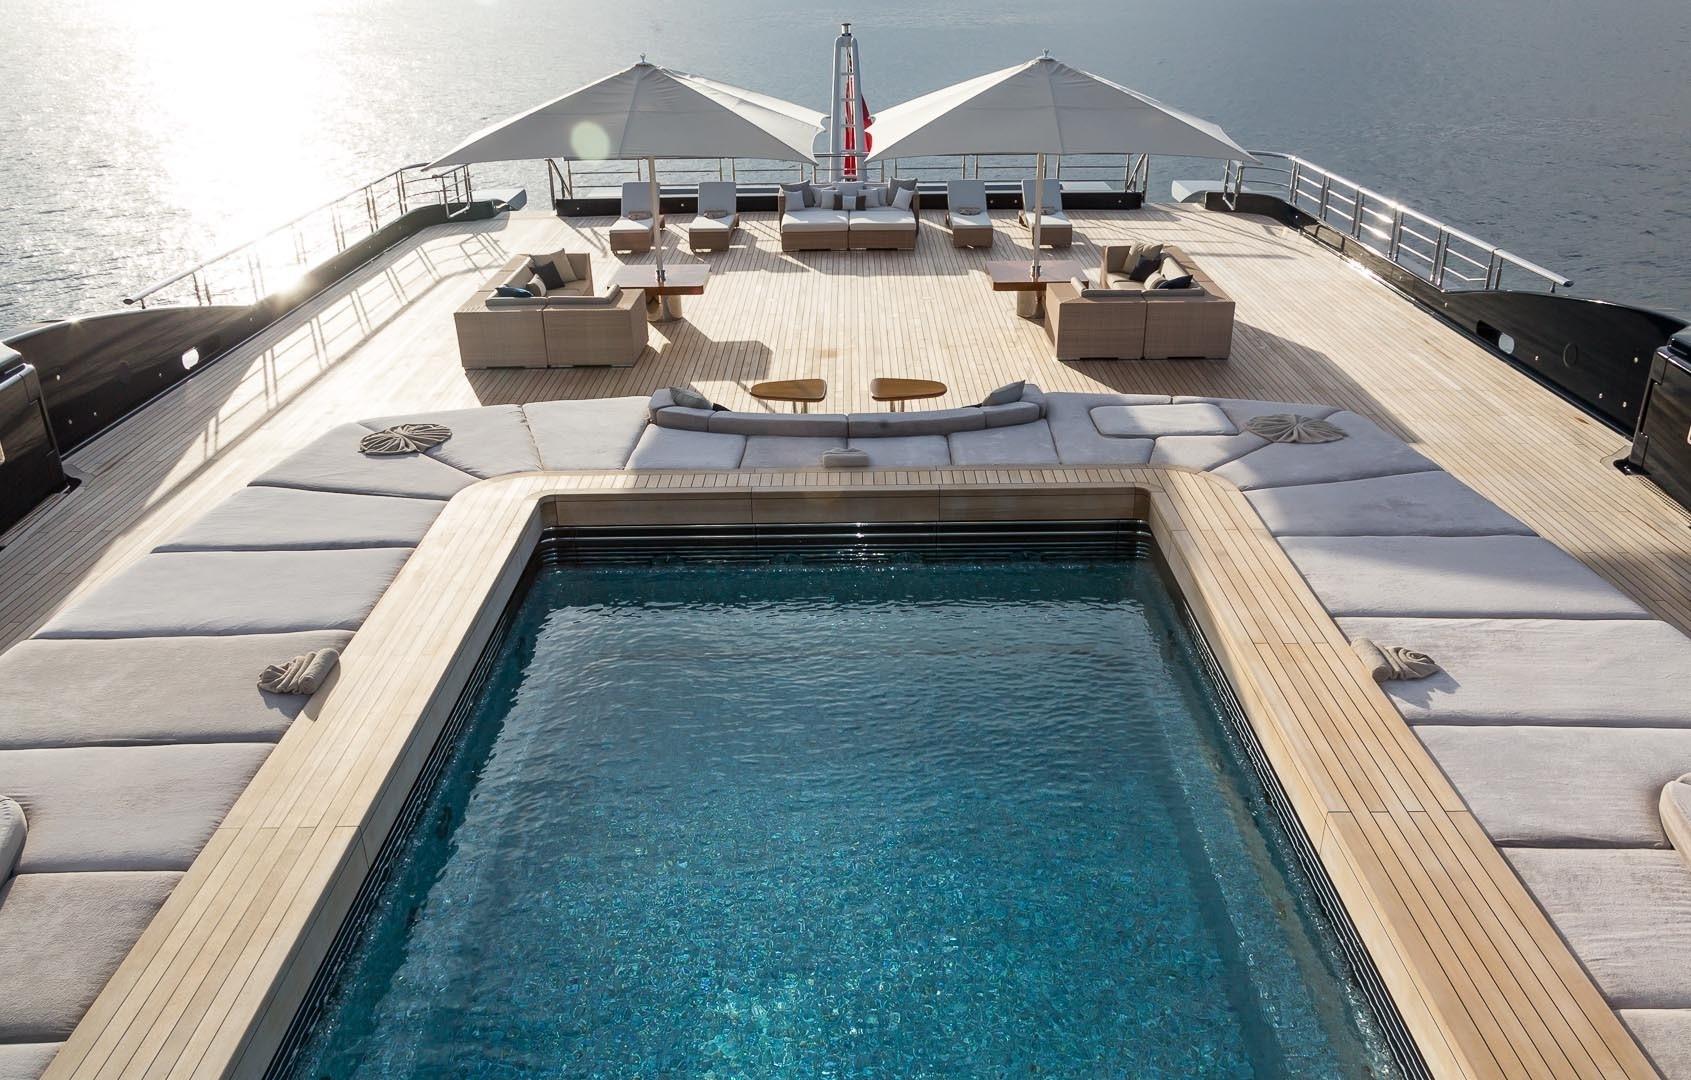 The 115m Yacht LUNA